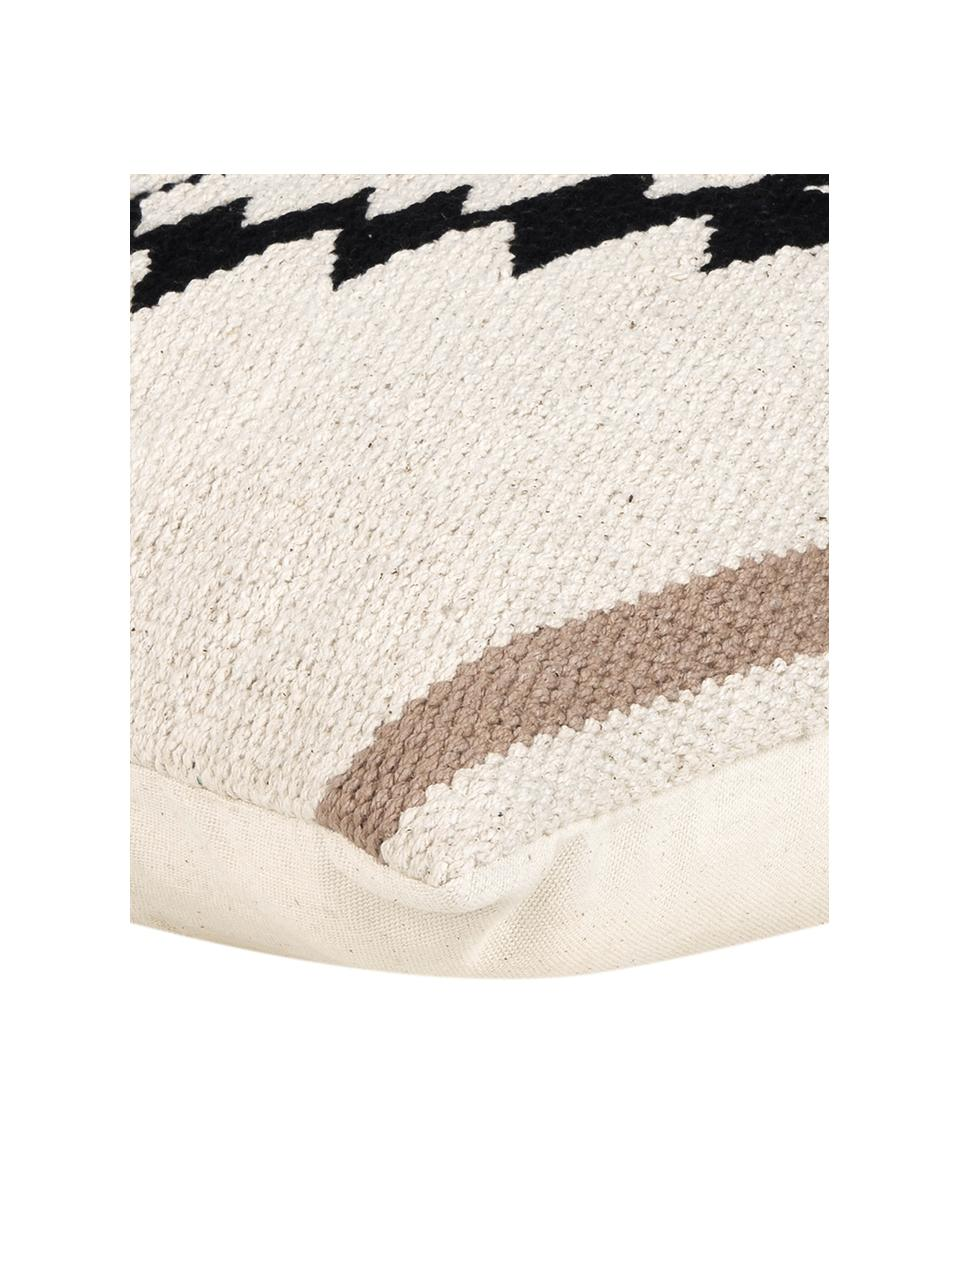 Gewebte Kissenhülle Toluca im Ethno Style, 100% Baumwolle, Schwarz, Beige, Taupe, 45 x 45 cm